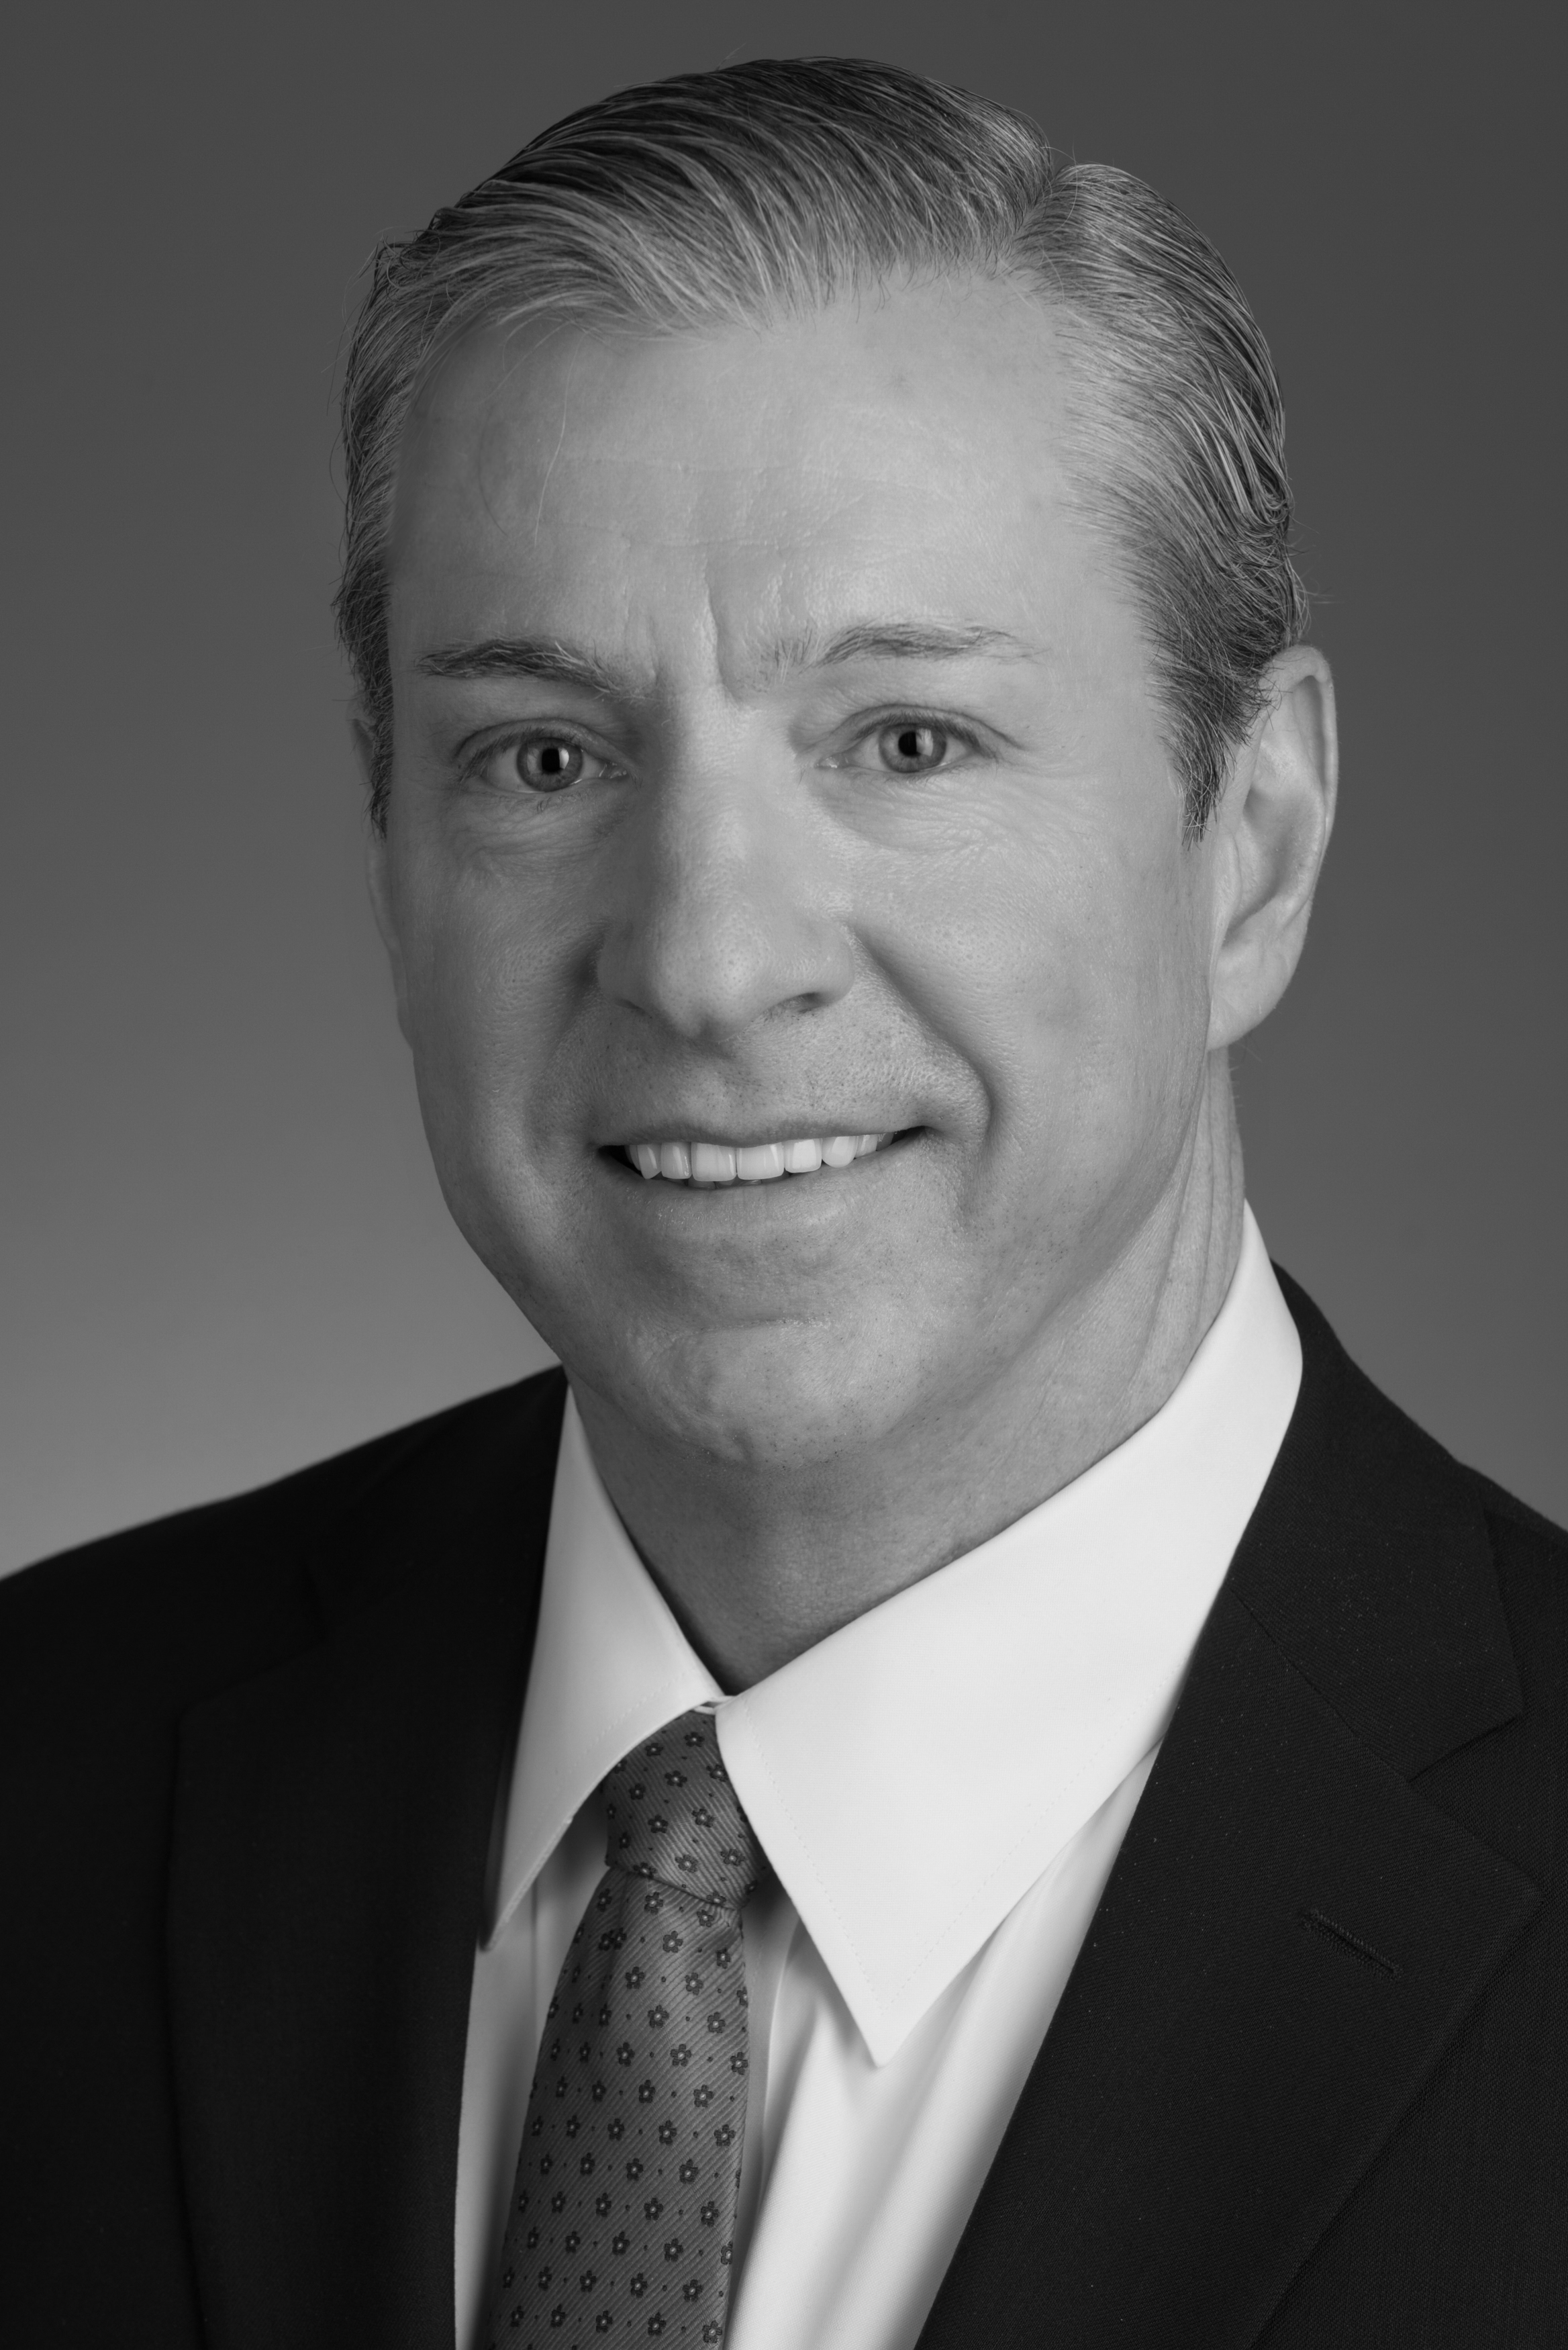 Brian P. Sullivan